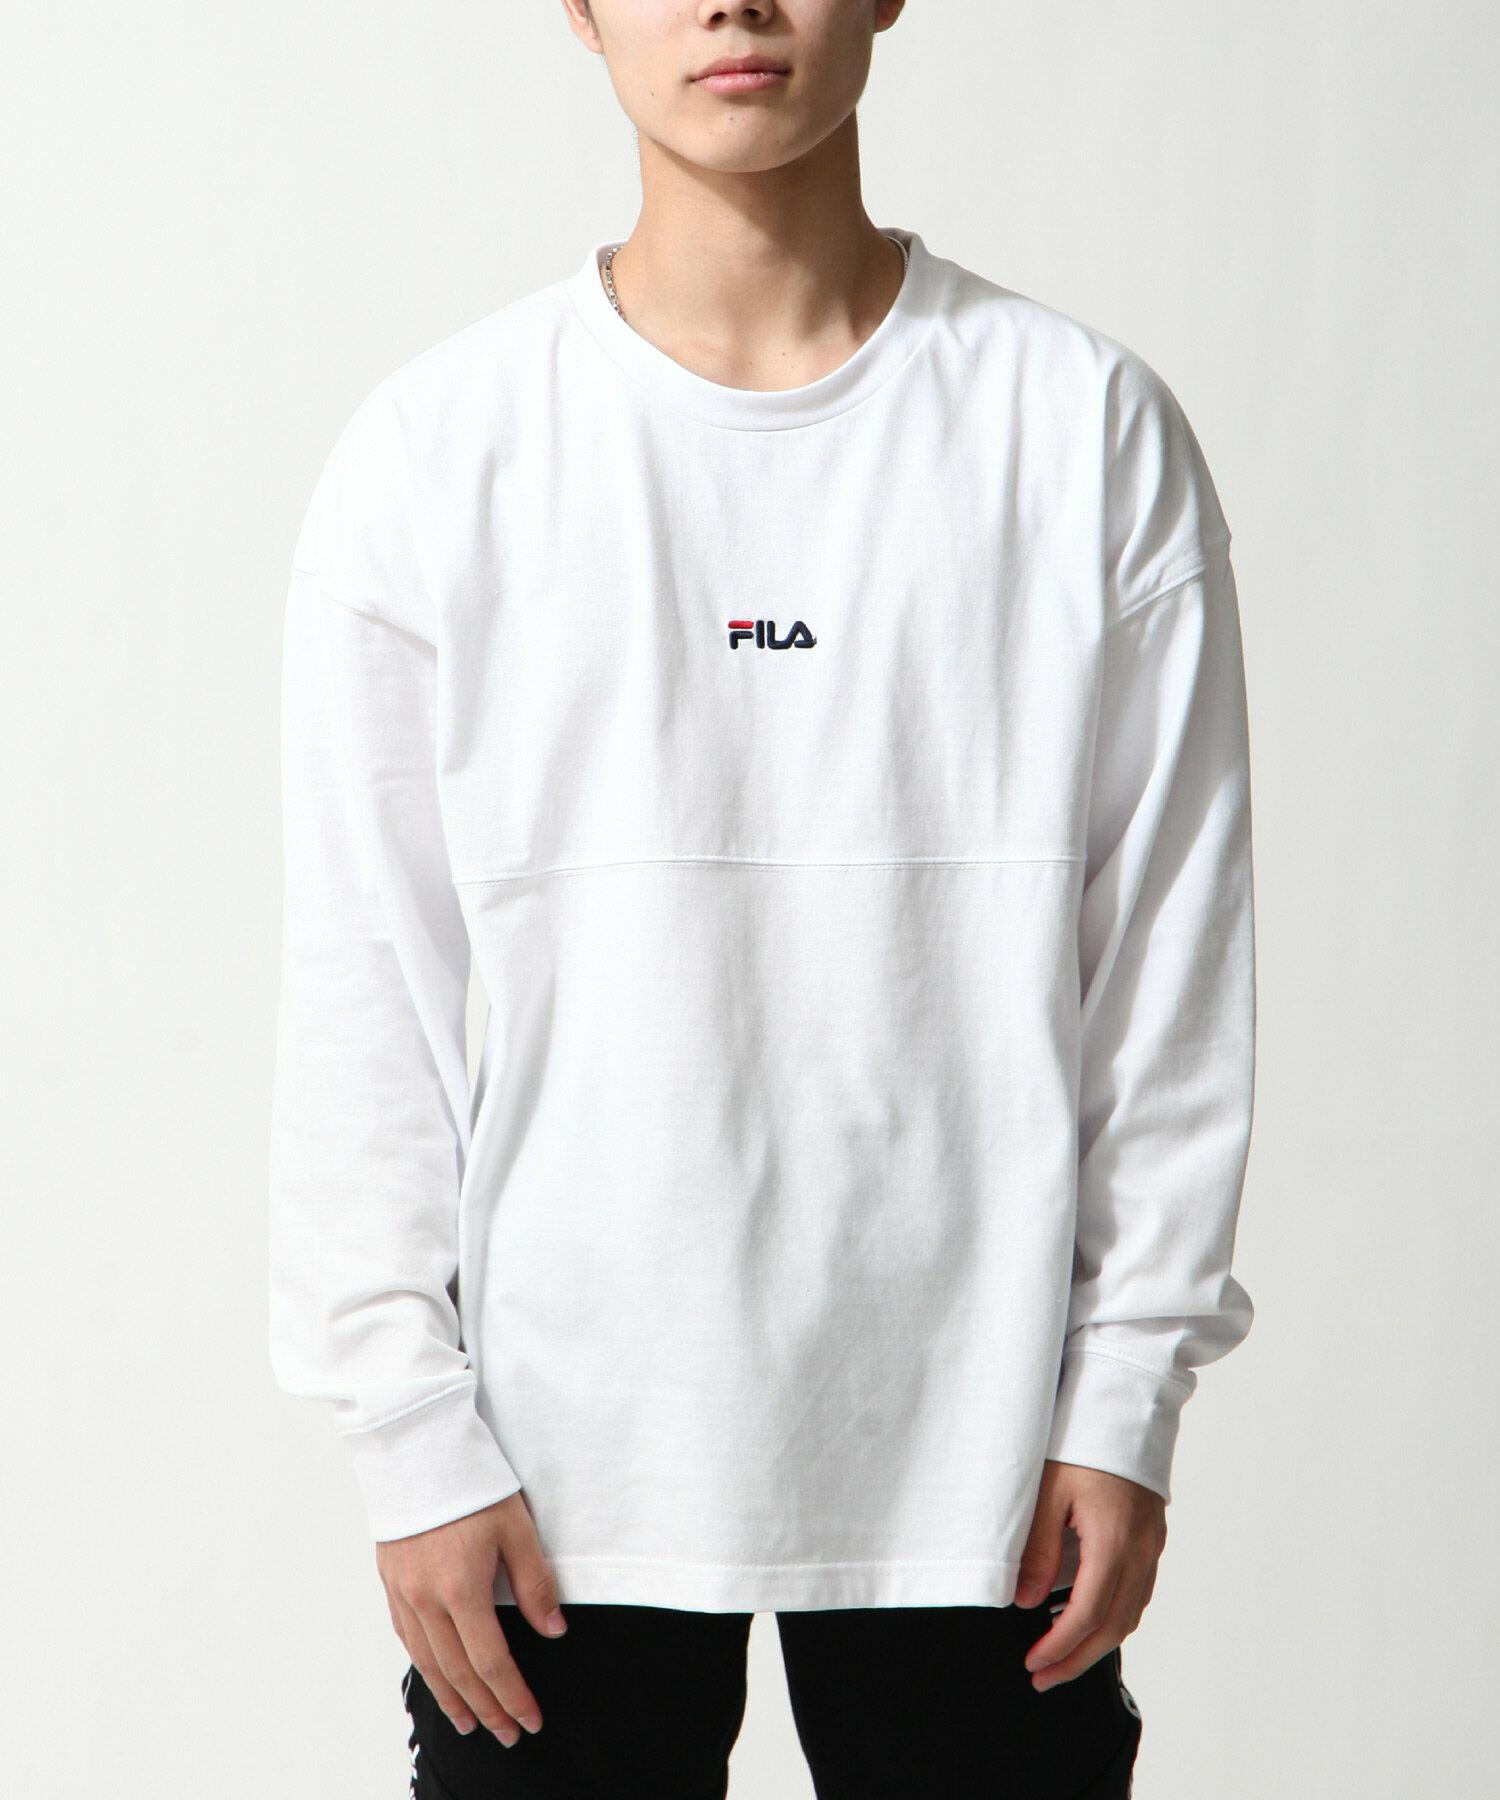 【FILA】背面印字LOGO長袖T恤 2